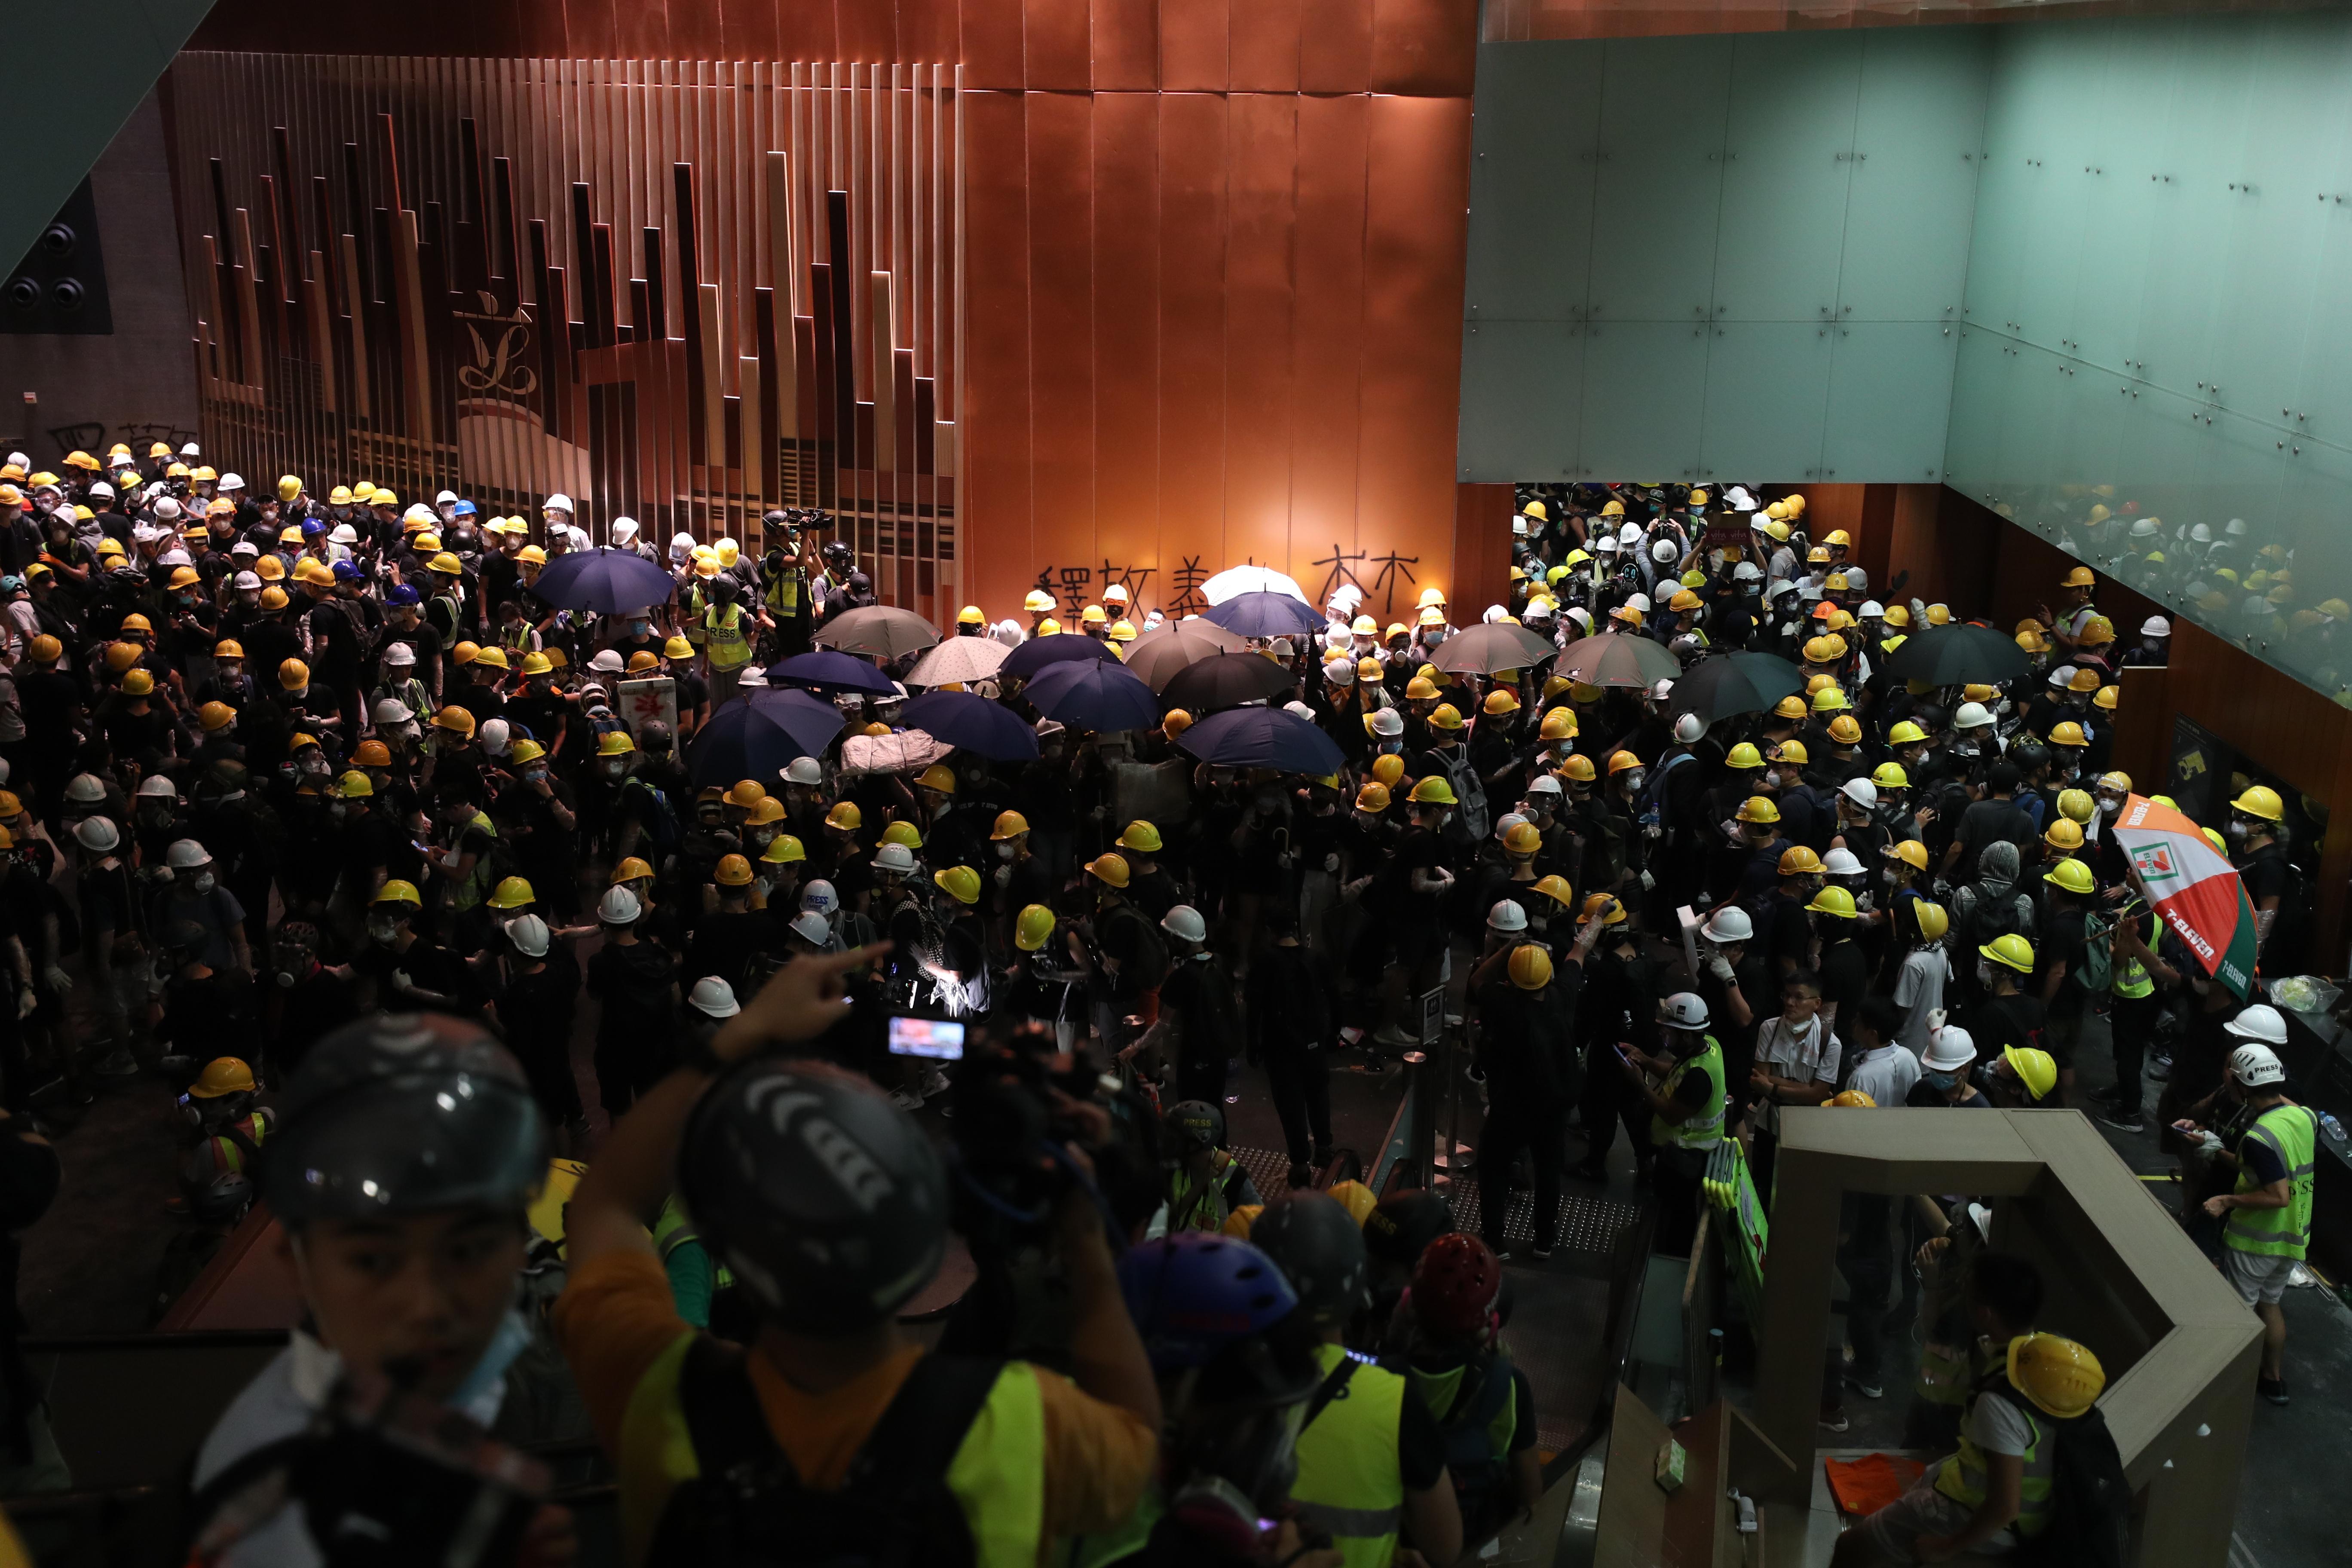 Демонстранти срещу пропекинското правителство нахлуха в сградата на парламента в полуавтономната територия Хонконг в понеделник вечерта и развяха знамето от епохата на британския колониализъм, след като щурмуваха зданието в деня на годишнината от връщането на територията на Китай.